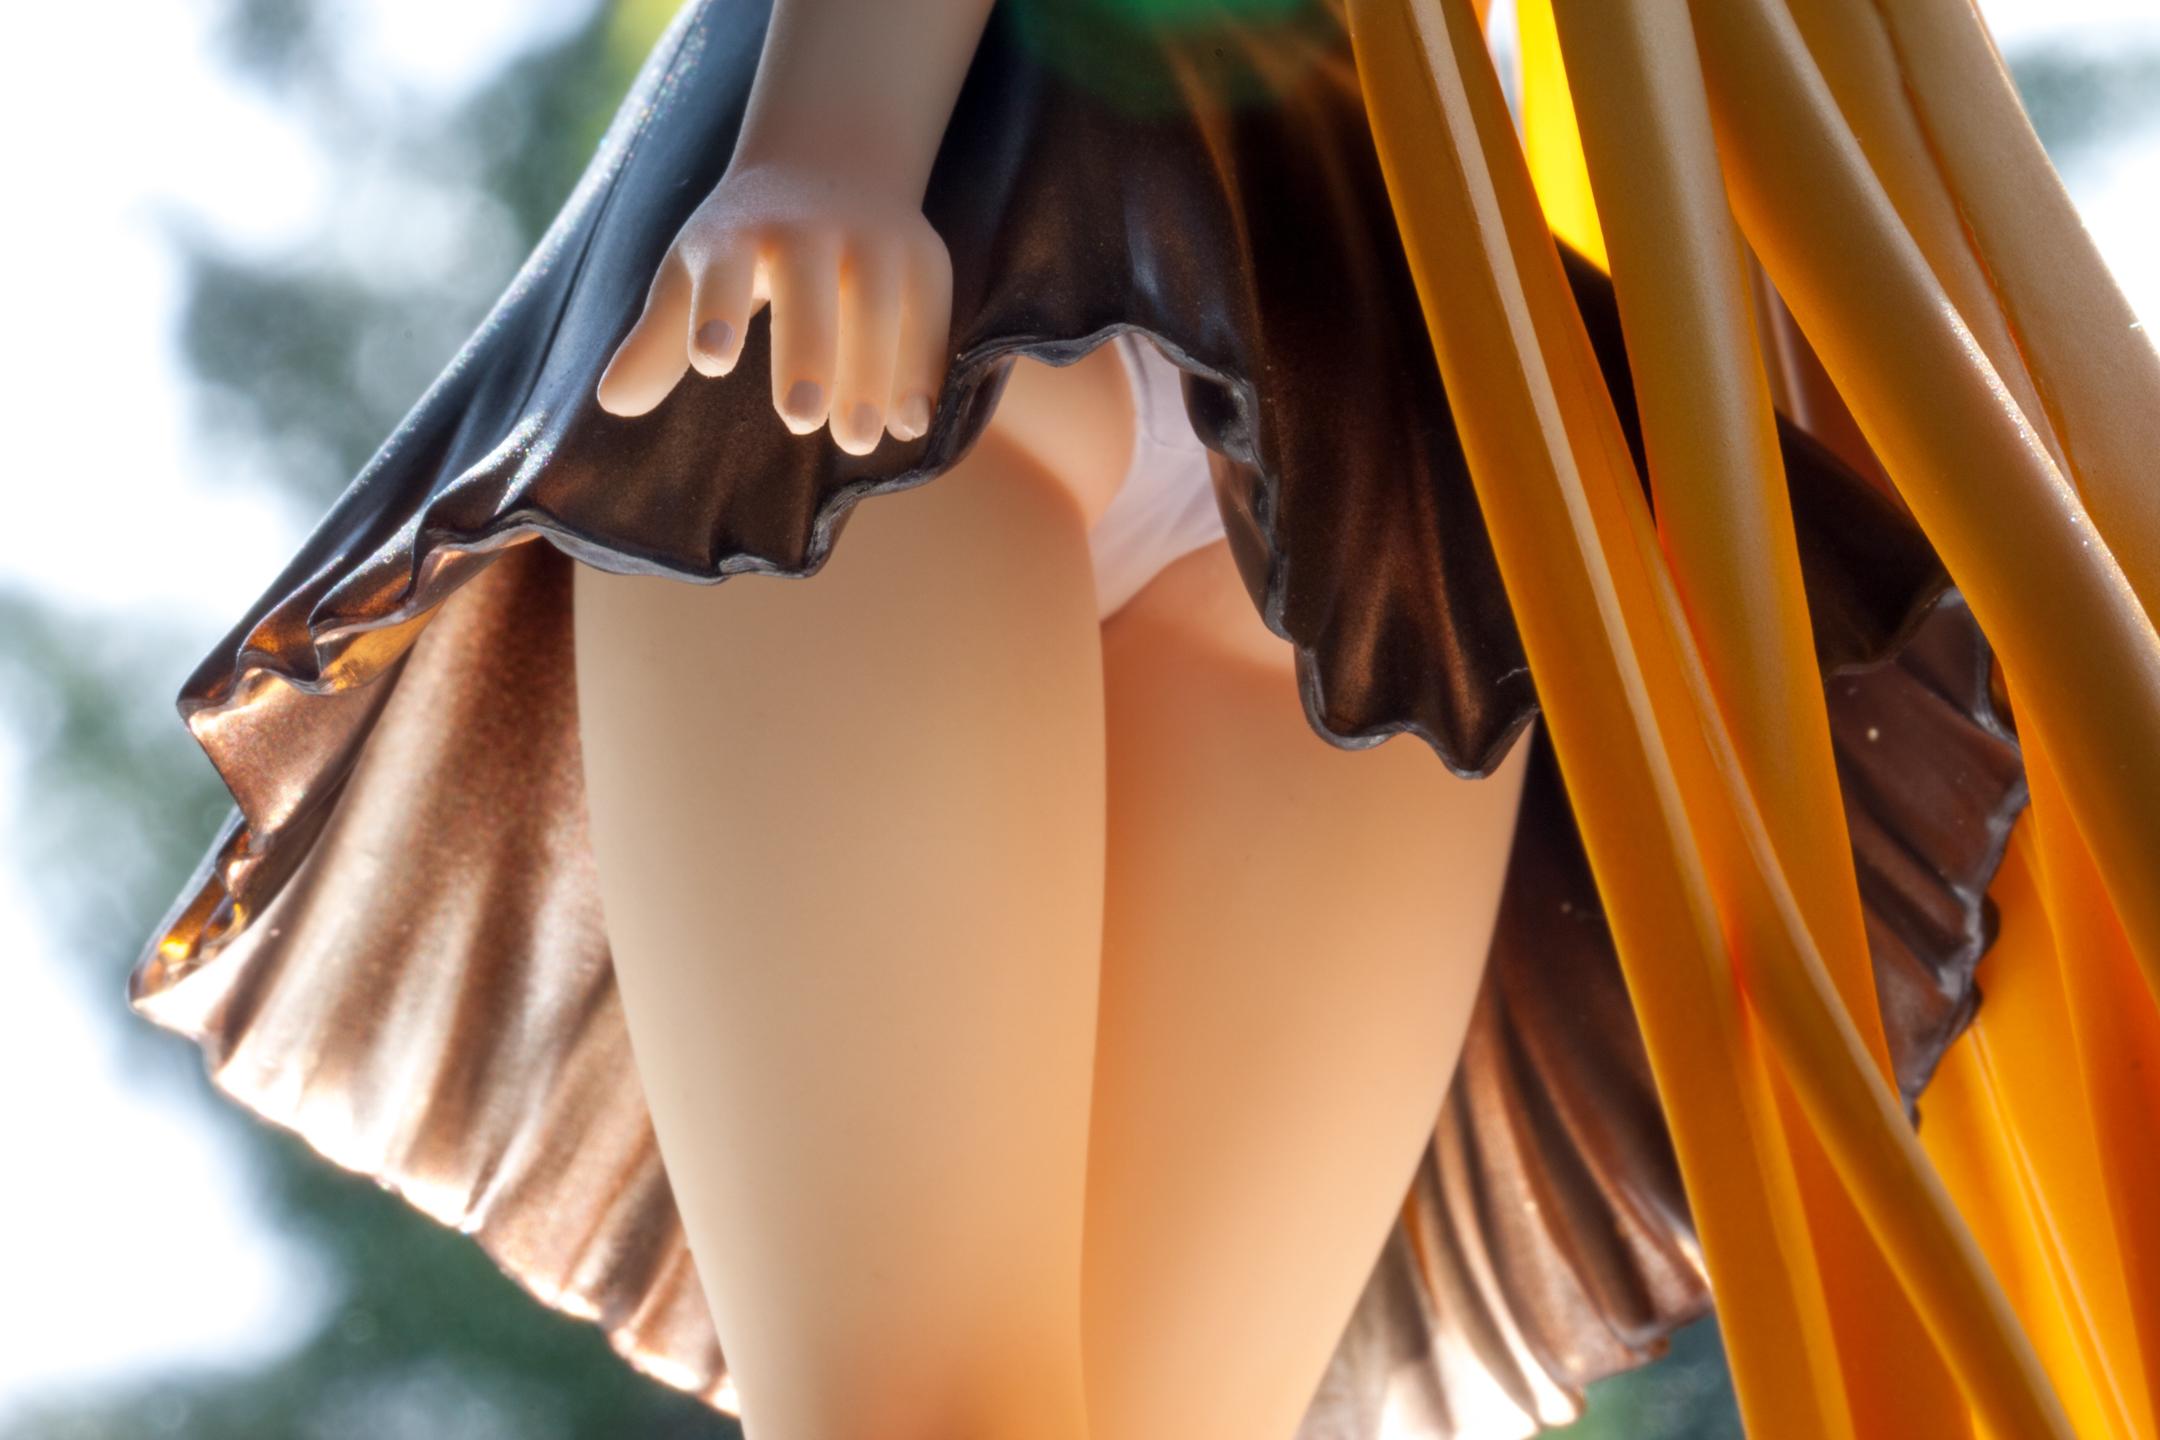 wing konjiki_no_yami hashimoto_ryou to_loveru_darkness